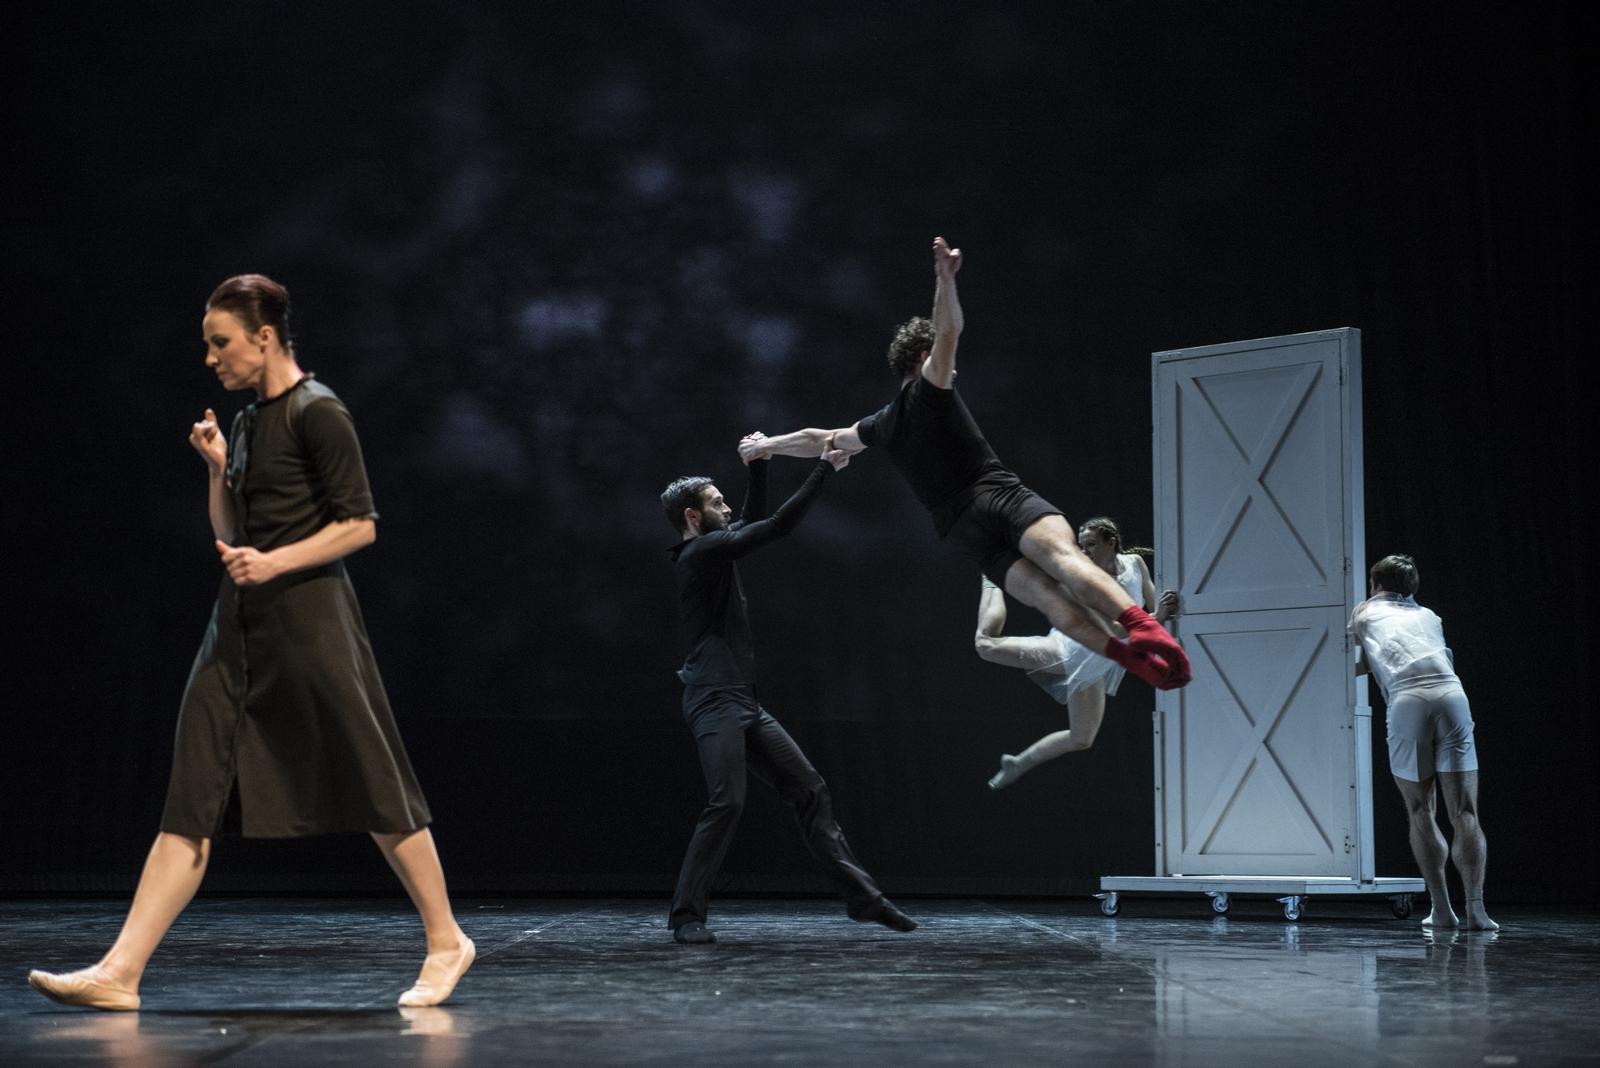 Premijera baleta 'Ivica i Marica' u riječkom HNK-u